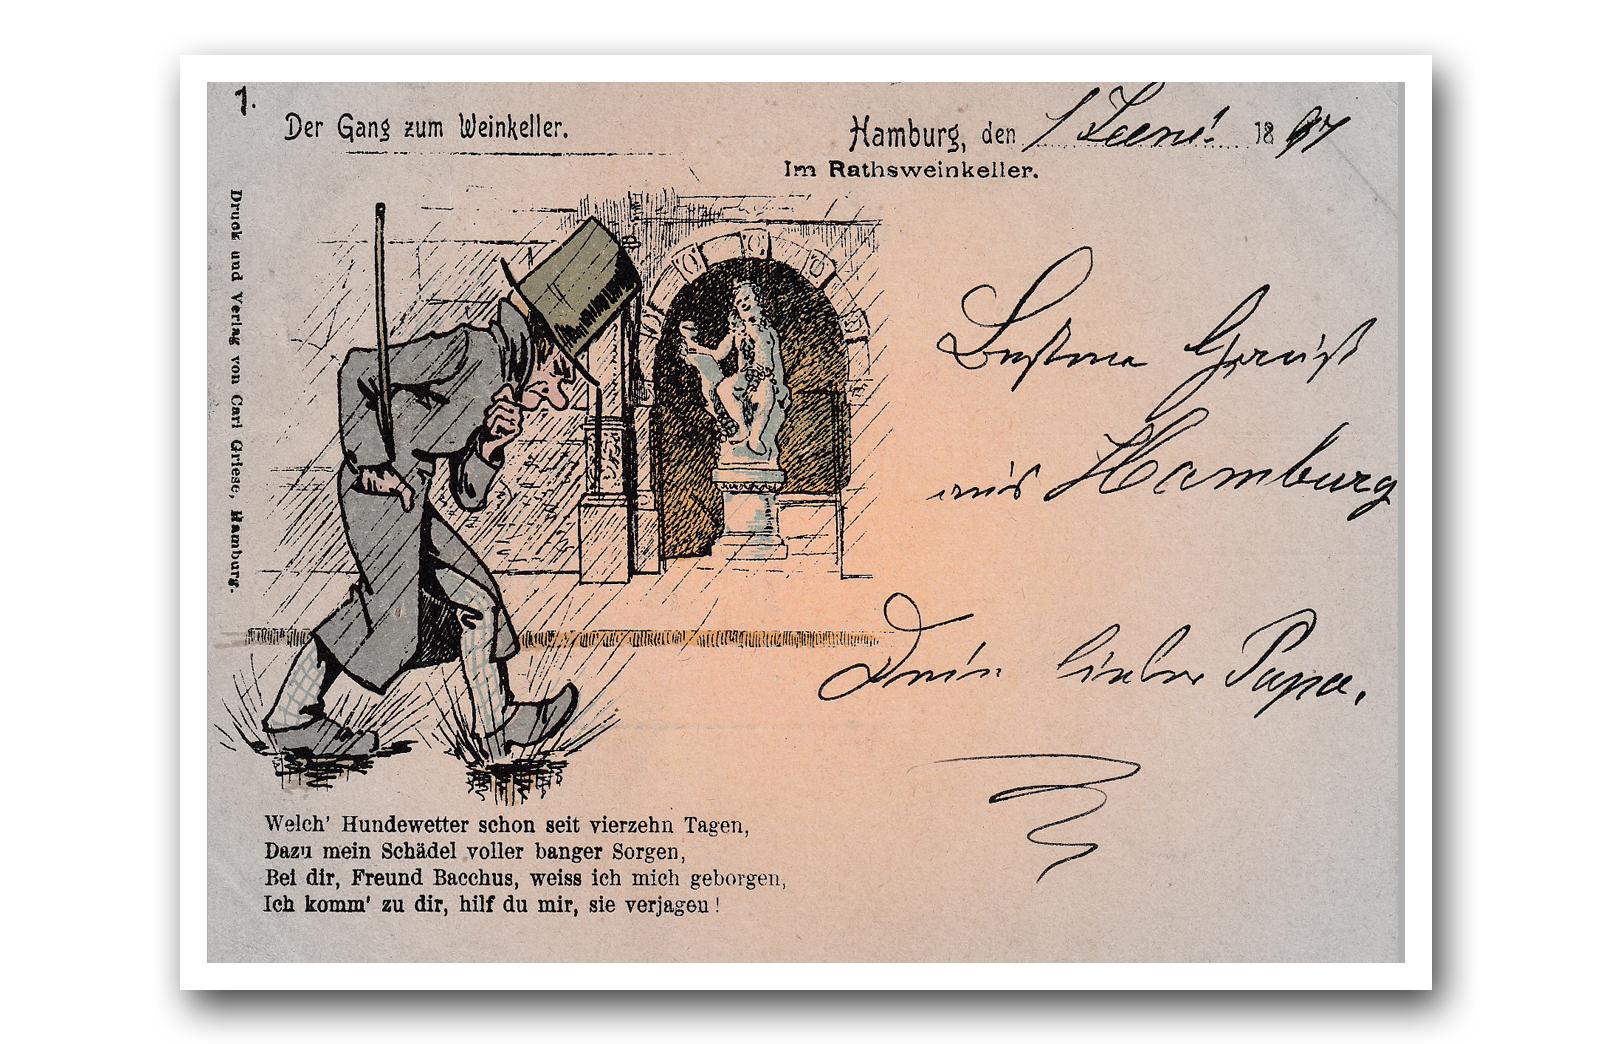 HAMBURG -  02.06.1897 - Der Gang zum Weinkeller - La marche vers la cave à vin - The walk to the wine cellar